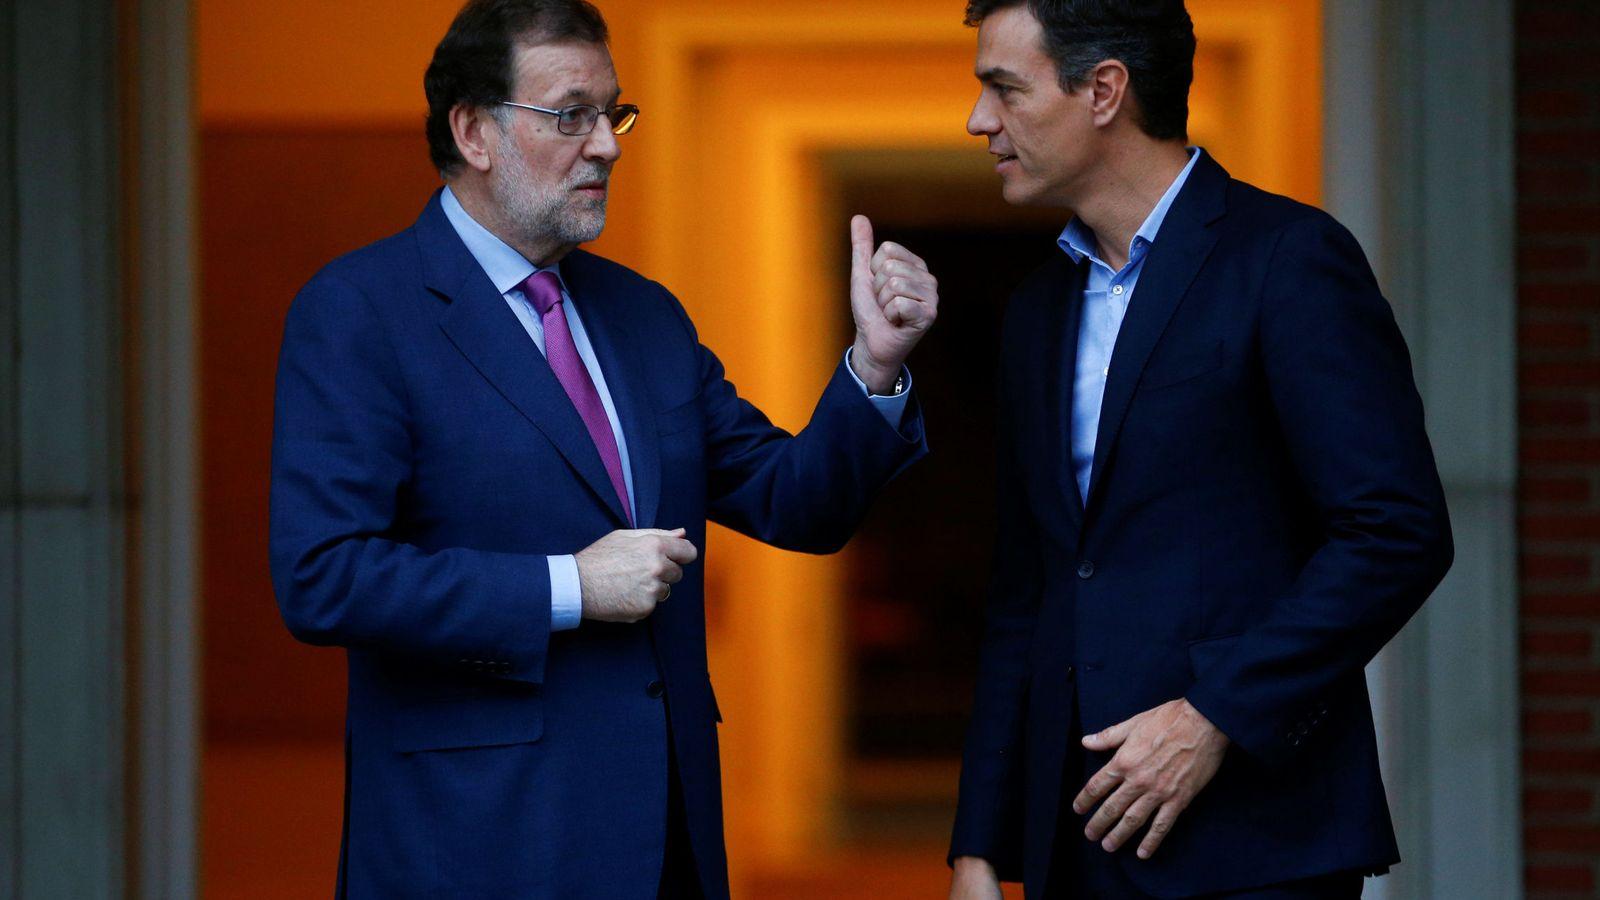 Foto: Mariano Rajoy y Pedro Sánchez, el pasado 6 de julio en La Moncloa. (Reuters)